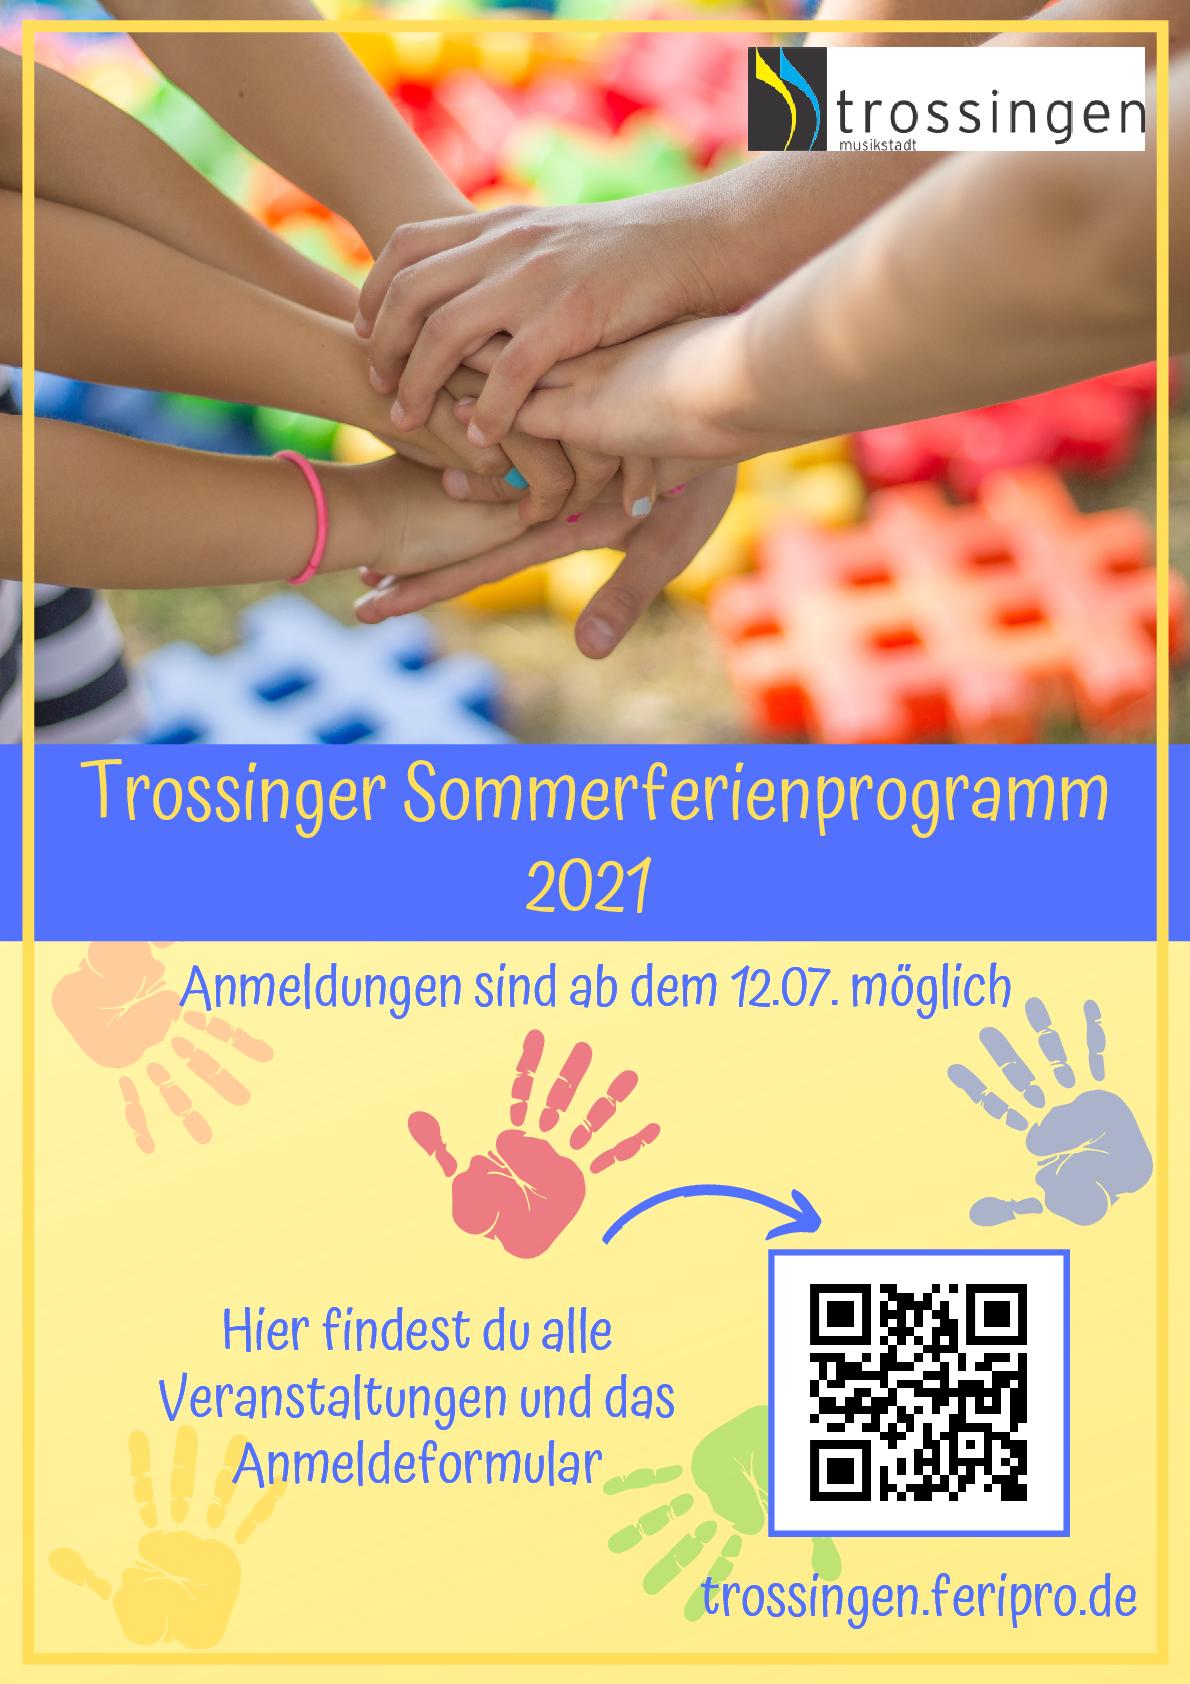 Trossinger Sommerferienprogramm 2021